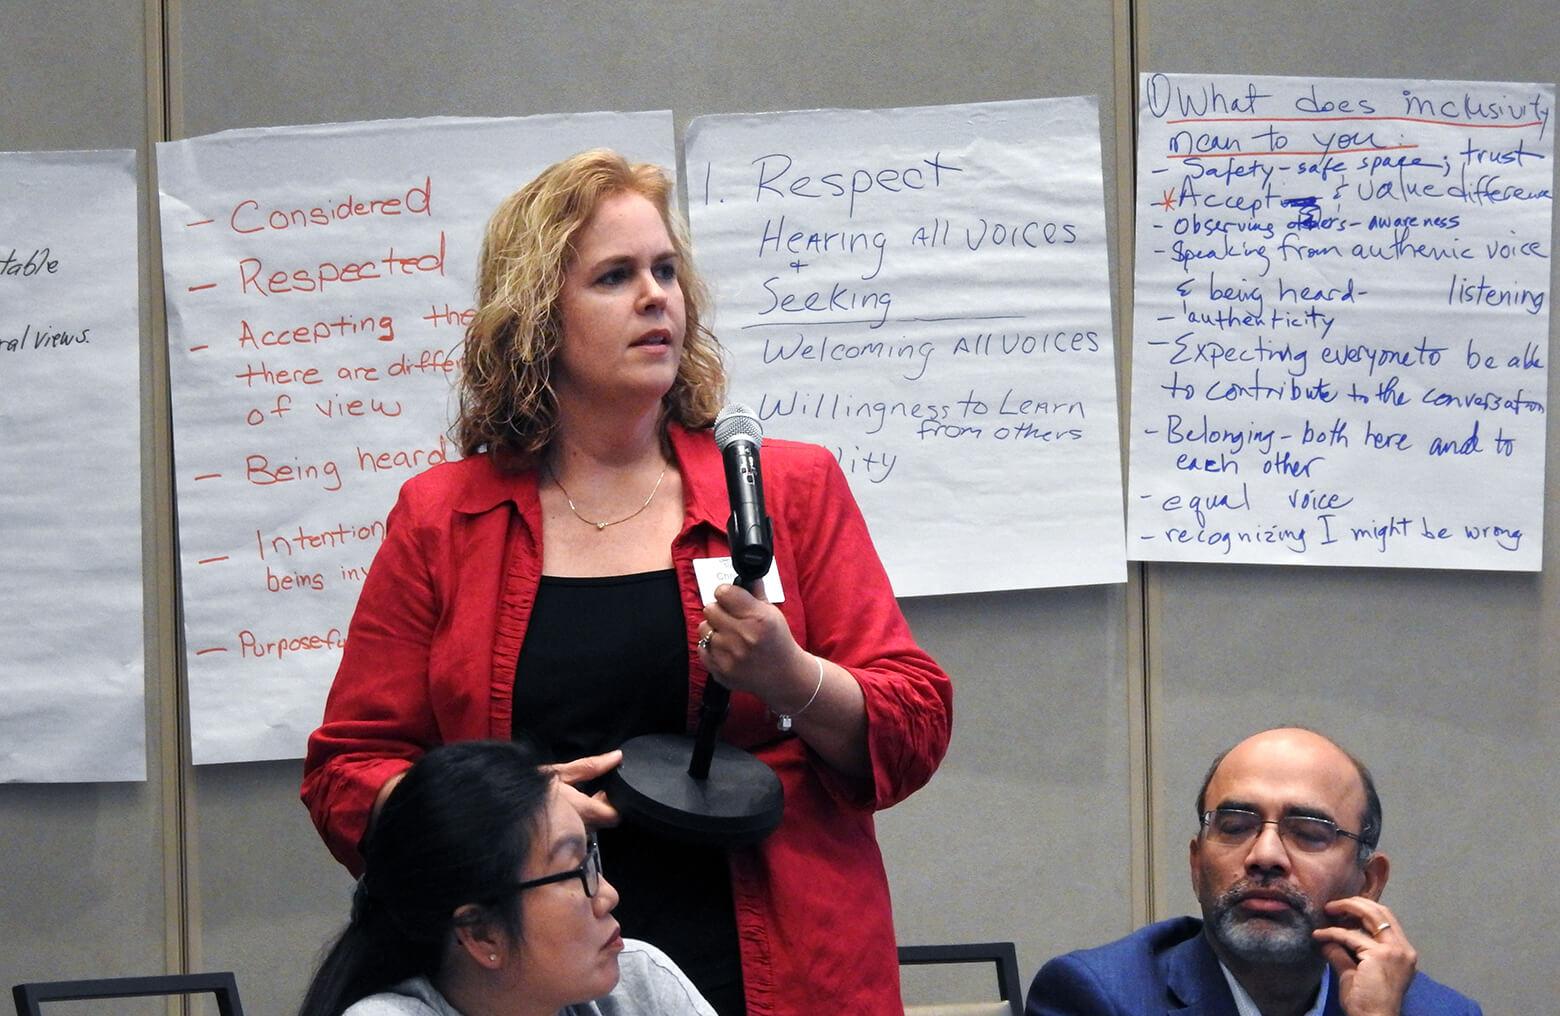 7월 18일, 댈러스에서 열린 총회재무행정협의회에서 크리스틴 도슨이 질문하고 있다. 사진, 샘 하지스, 연합감리교회 뉴스.